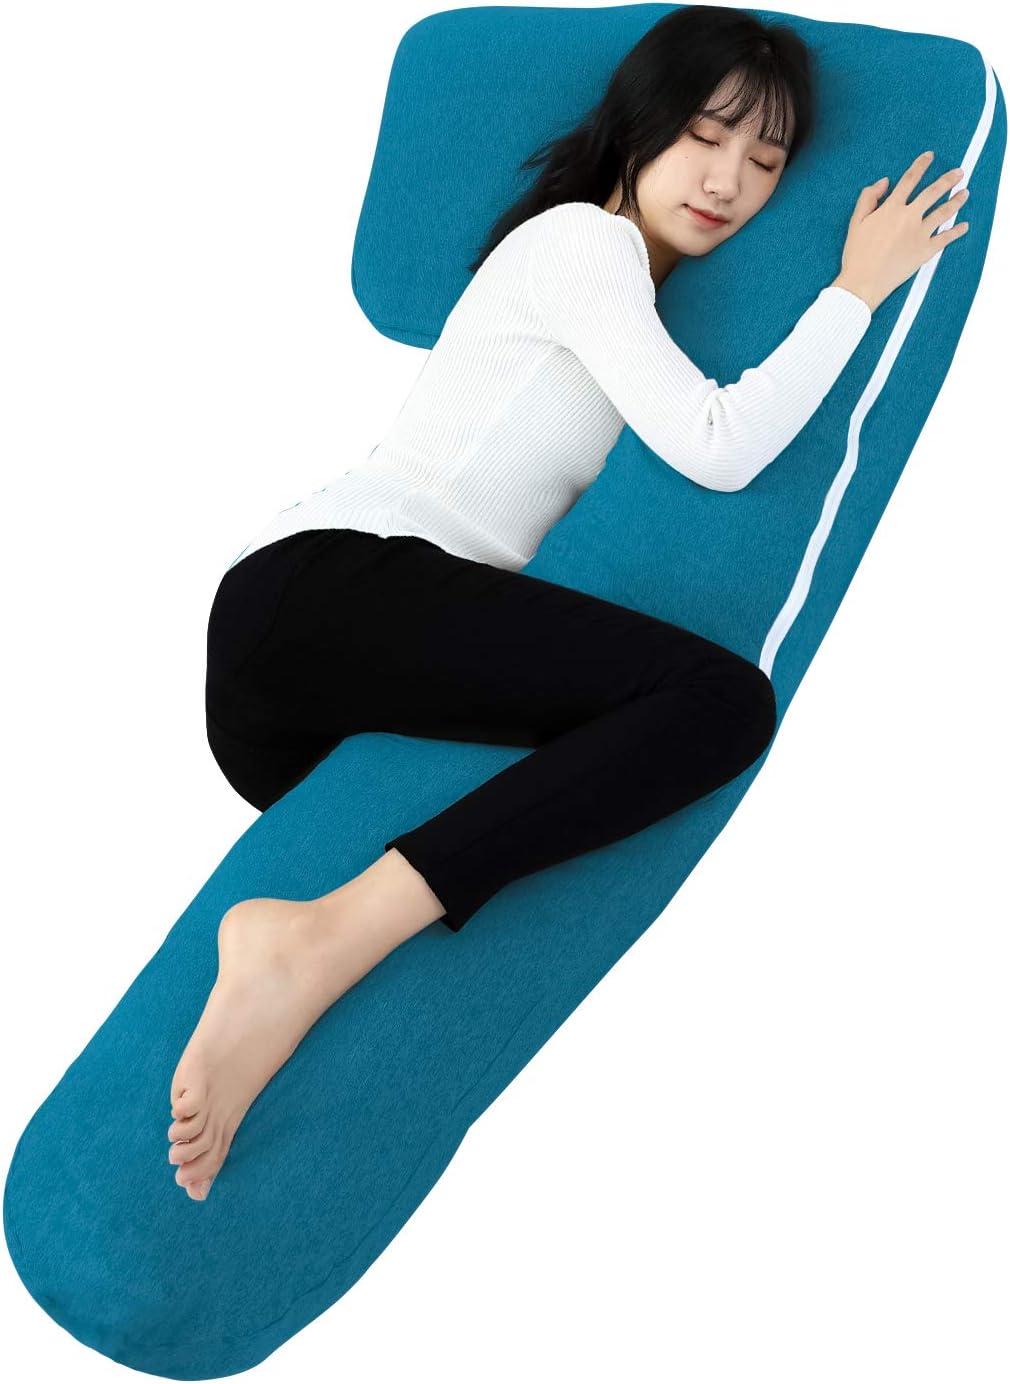 QUEEN ROSE Almohada de Embarazo con Funda de Jersey, Almohada de Cuerpo Completo en Forma de L para Mujeres Embarazadas, Azul